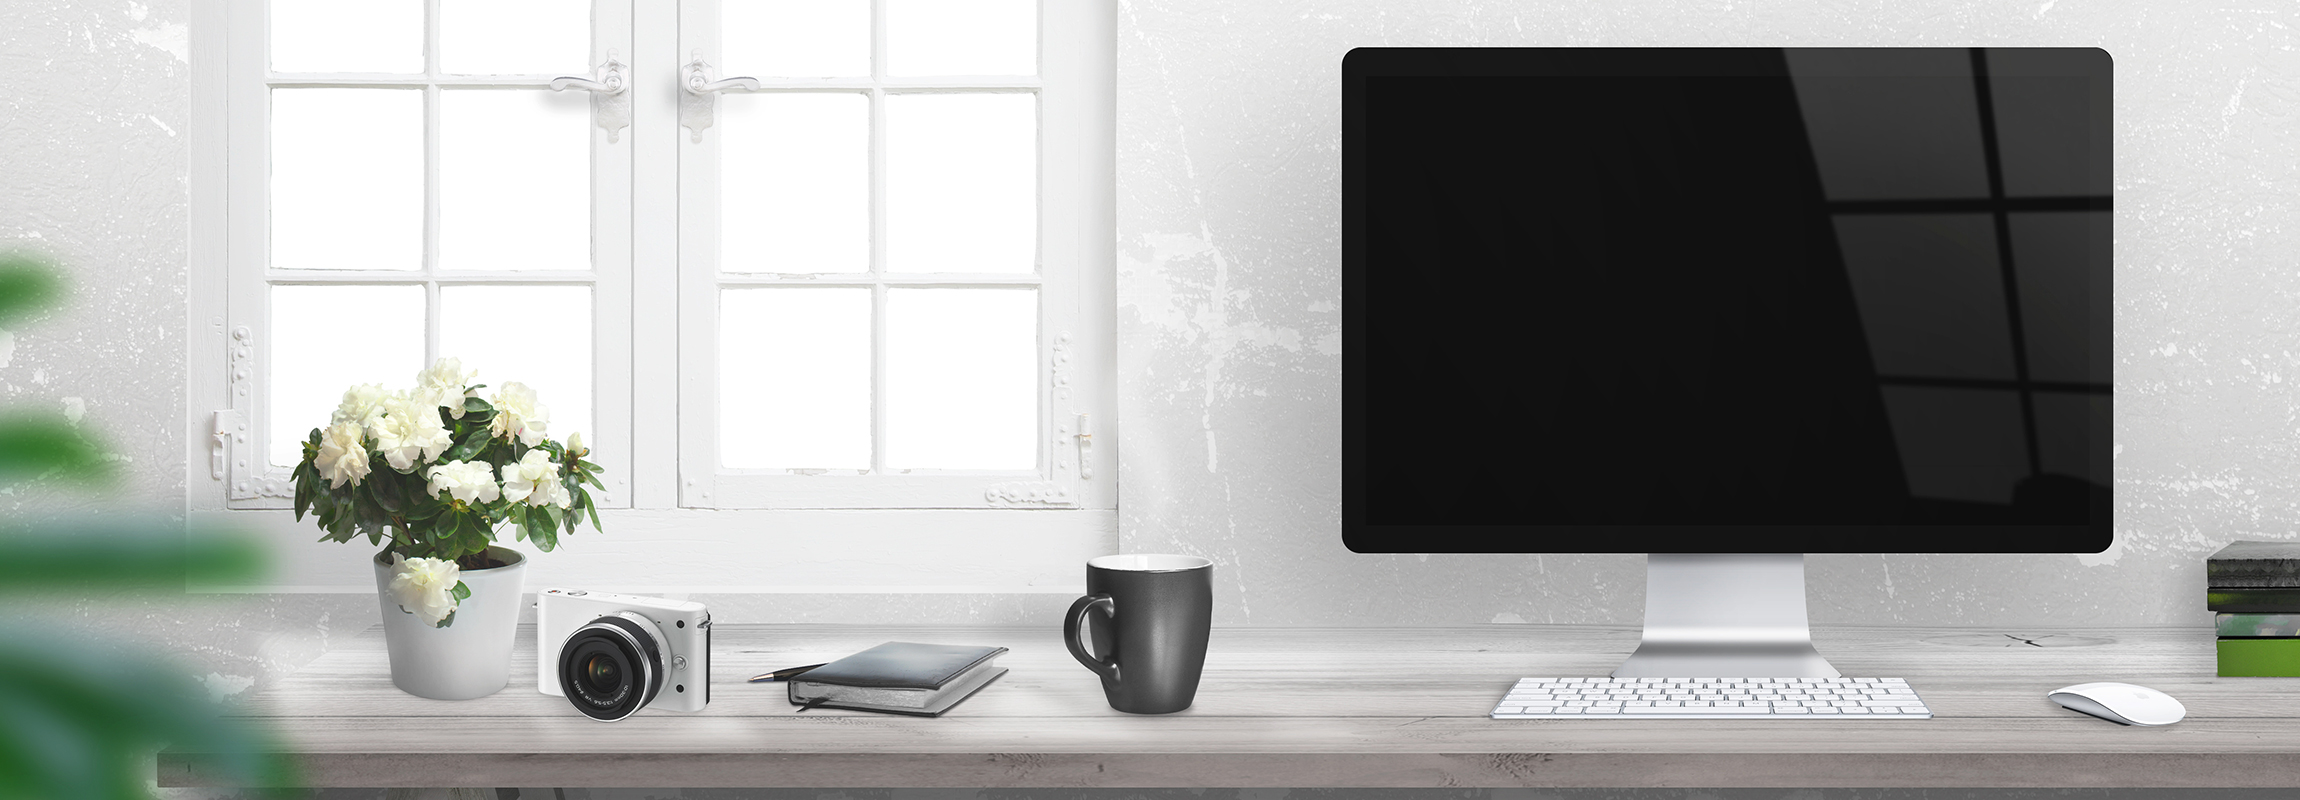 免責事項|長野市・松本市・東京都・金沢市でホームページ制作・各種印刷物グラフィックデザイン デザイン会社&デザイン事務所アプリコットデザイン